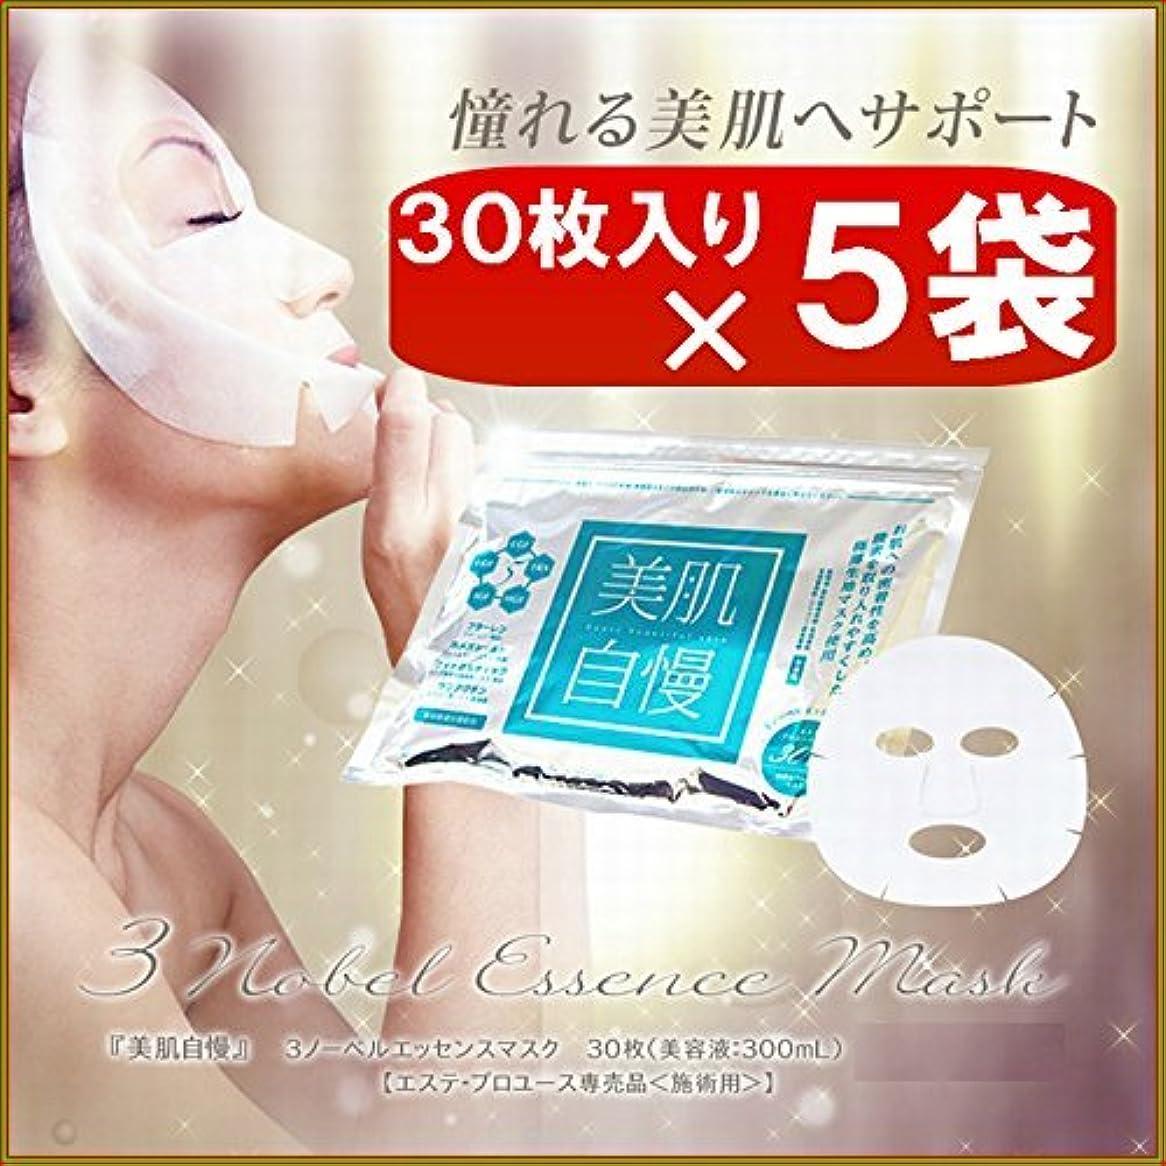 販売員ボンド自分を引き上げる美肌自慢フェイスマスク 30枚入り ×超お得5袋セット 《エッセンスマスク、EGF、IGF、ヒアルロン酸、プラセンタ、アルブチン、カタツムリエキス、しみ、しわ》